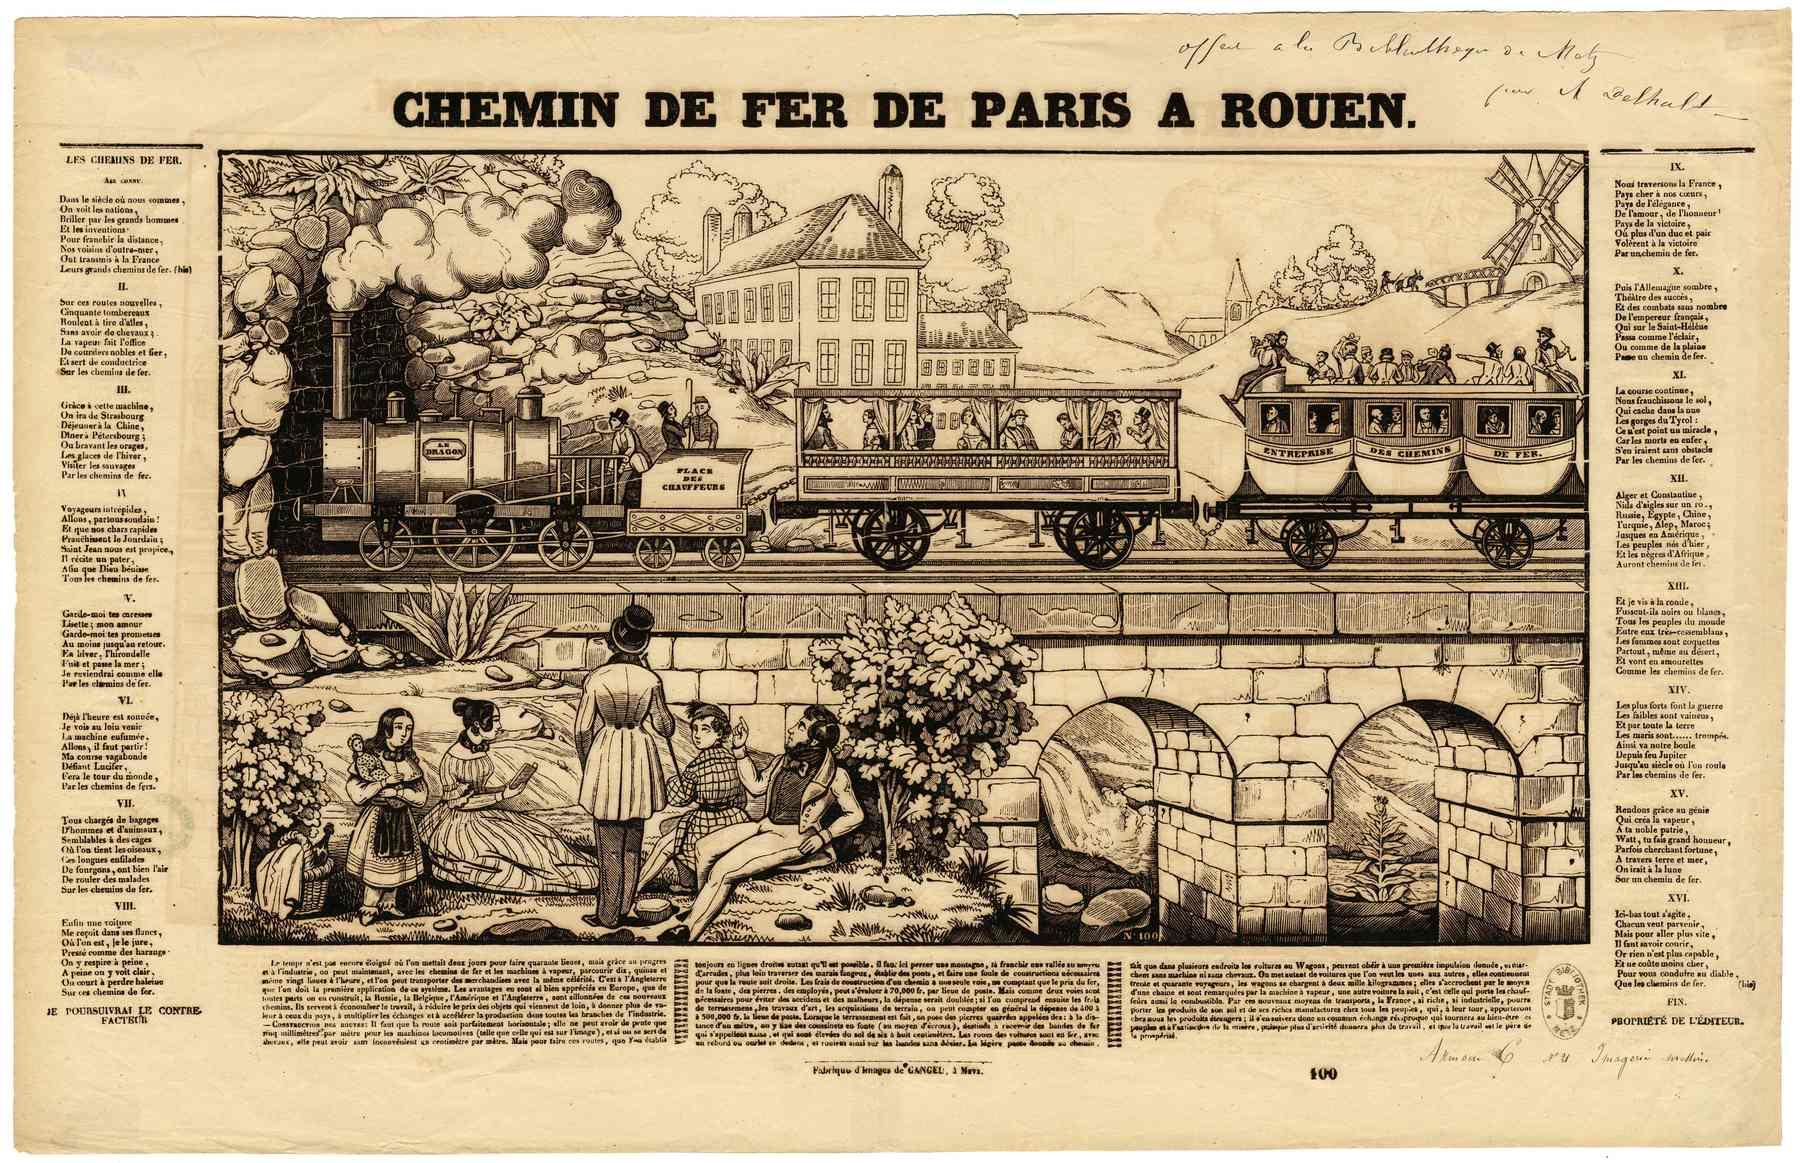 Contenu du Chemin de fer de Paris à Rouen